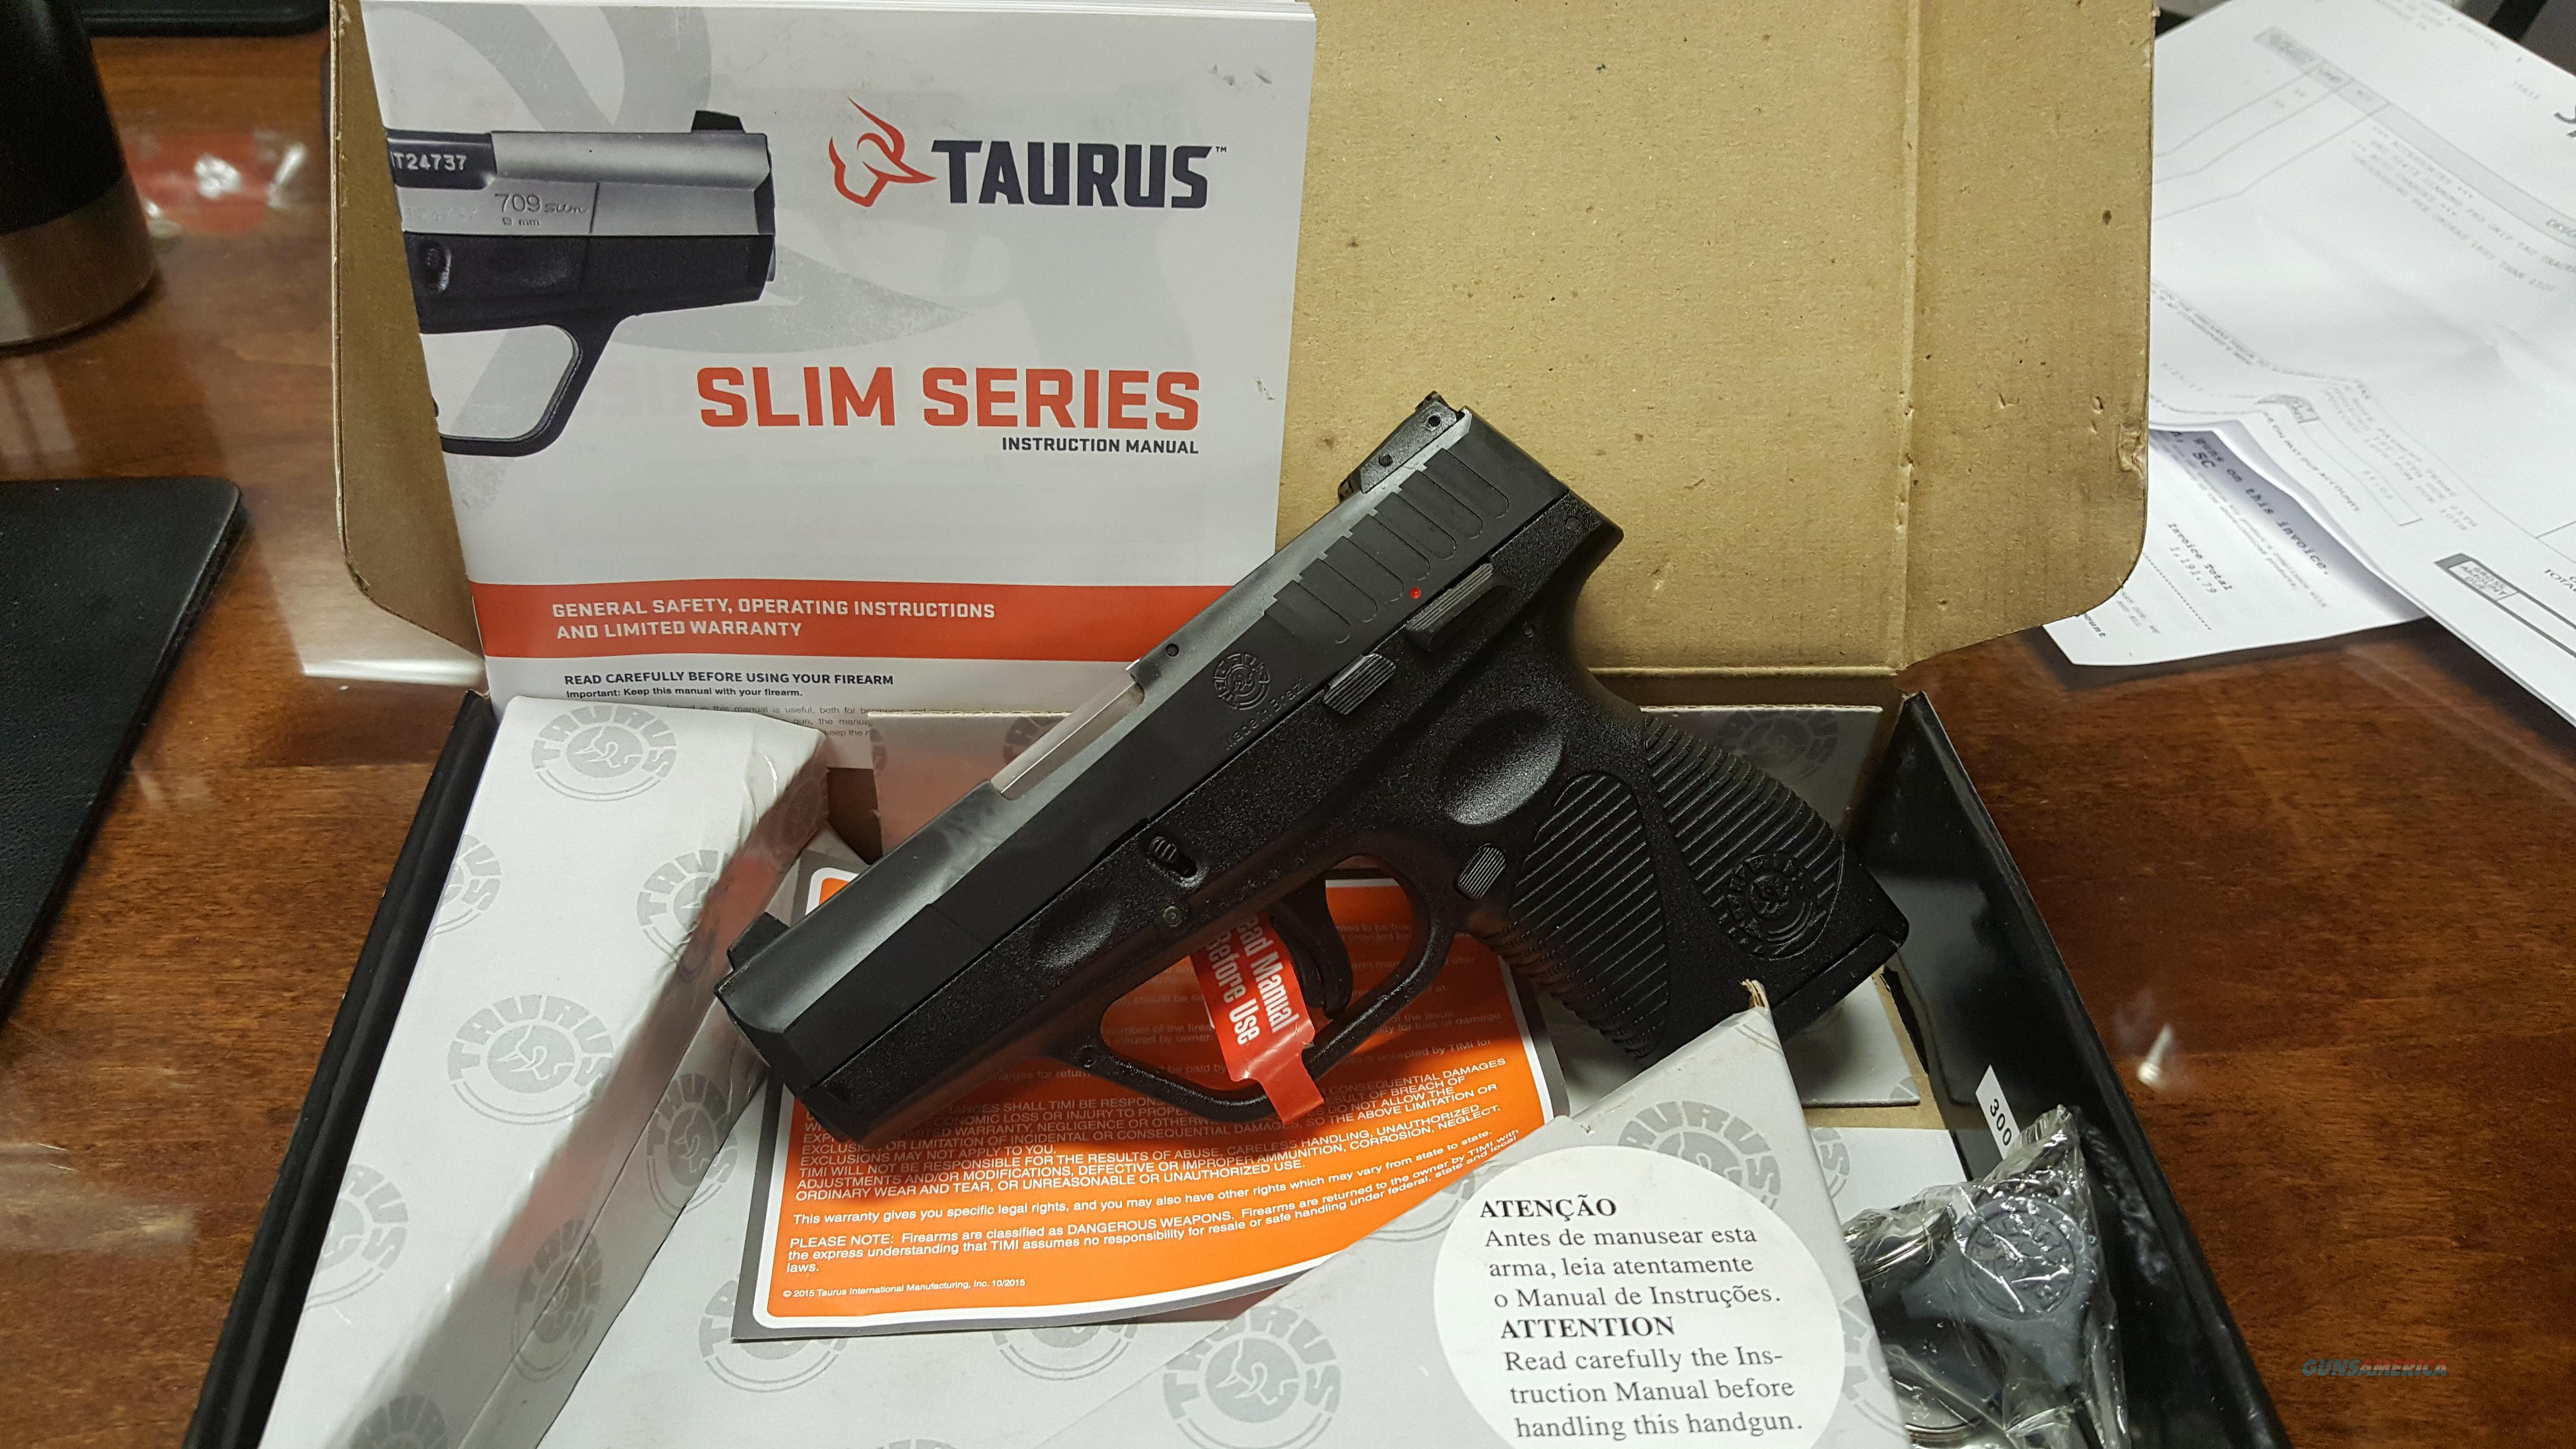 709 slim 9mm pistol - 9850911 Jpg